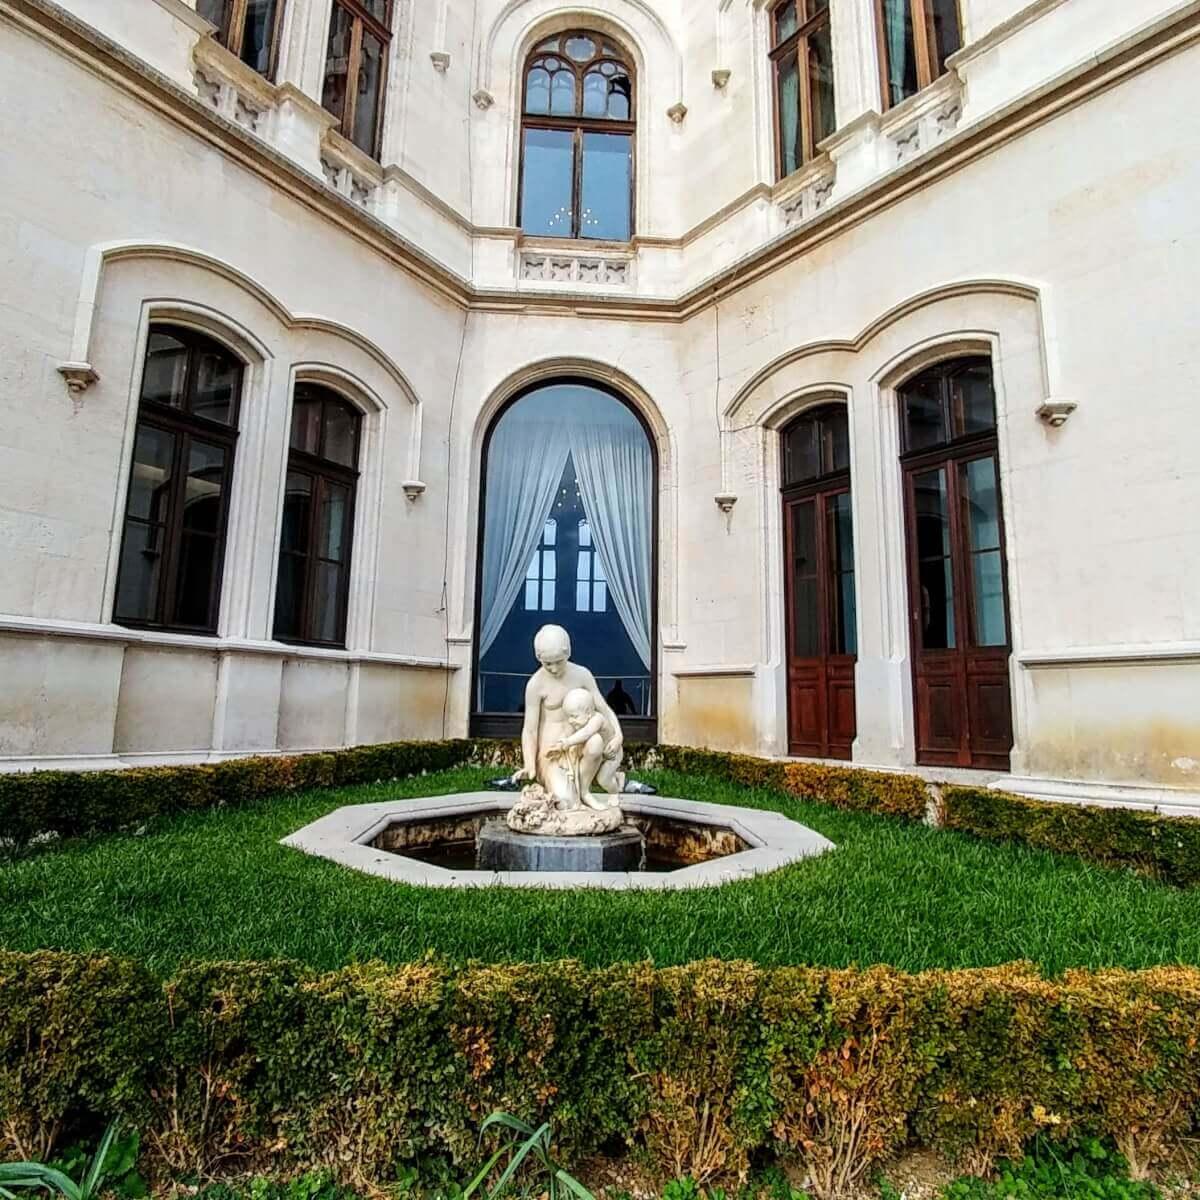 Castle Miramare in Trieste